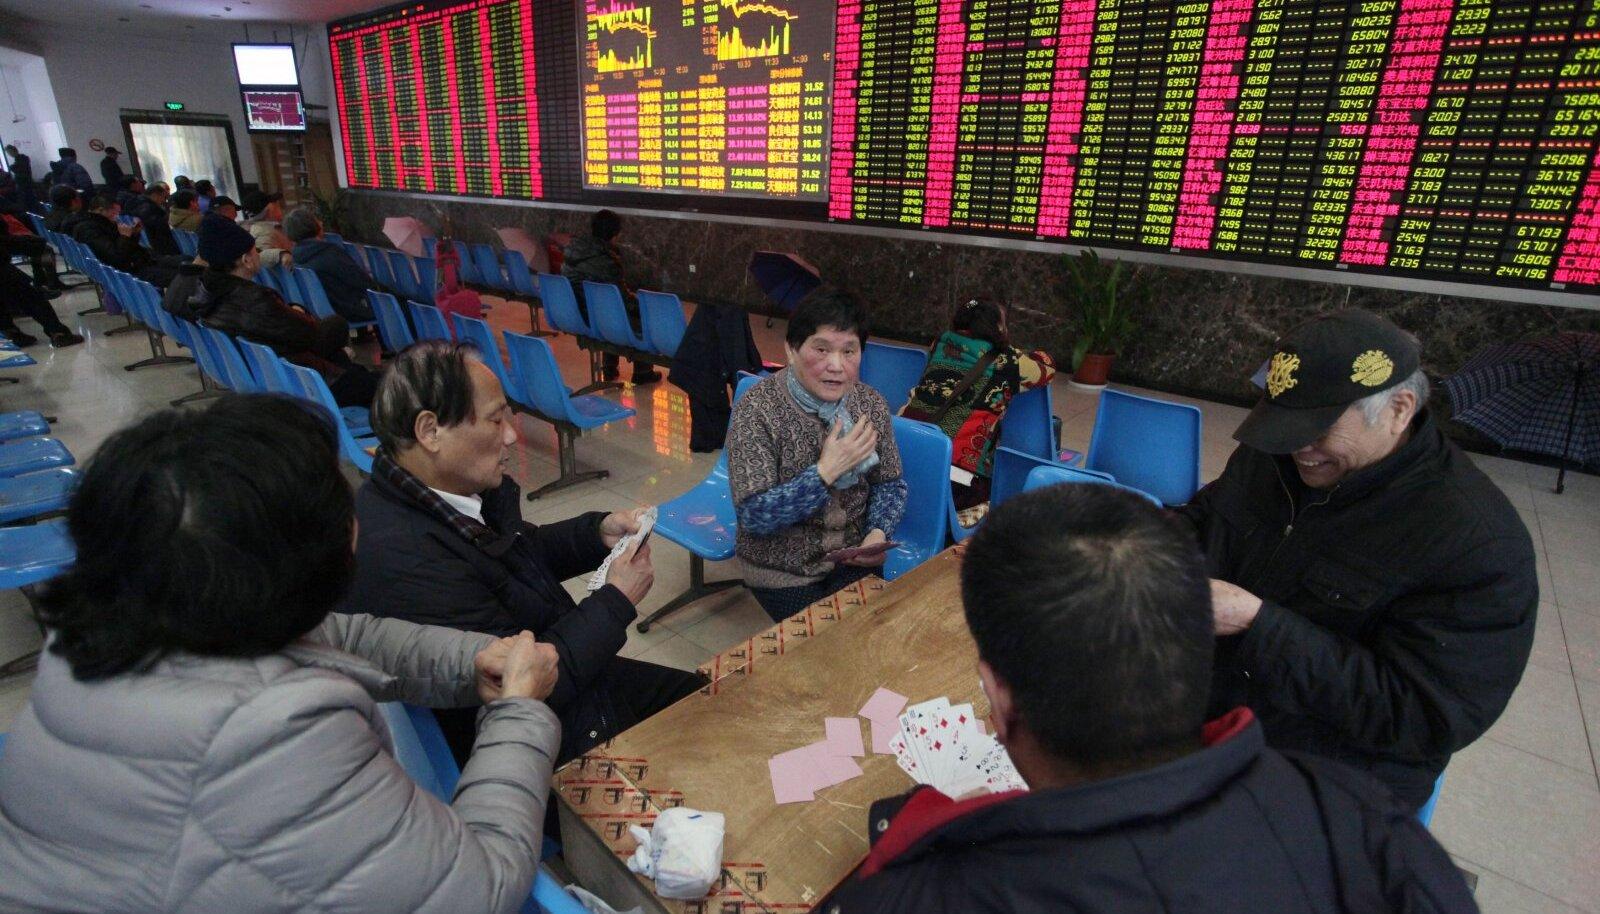 Hiinas on investeerimine osa elust. Piltlikult öeldes leitakse maaklerfirmas olles ka muud tegevust. Millal tekivad Eestisse sellsed maaklerfirmad/pangasaalid?